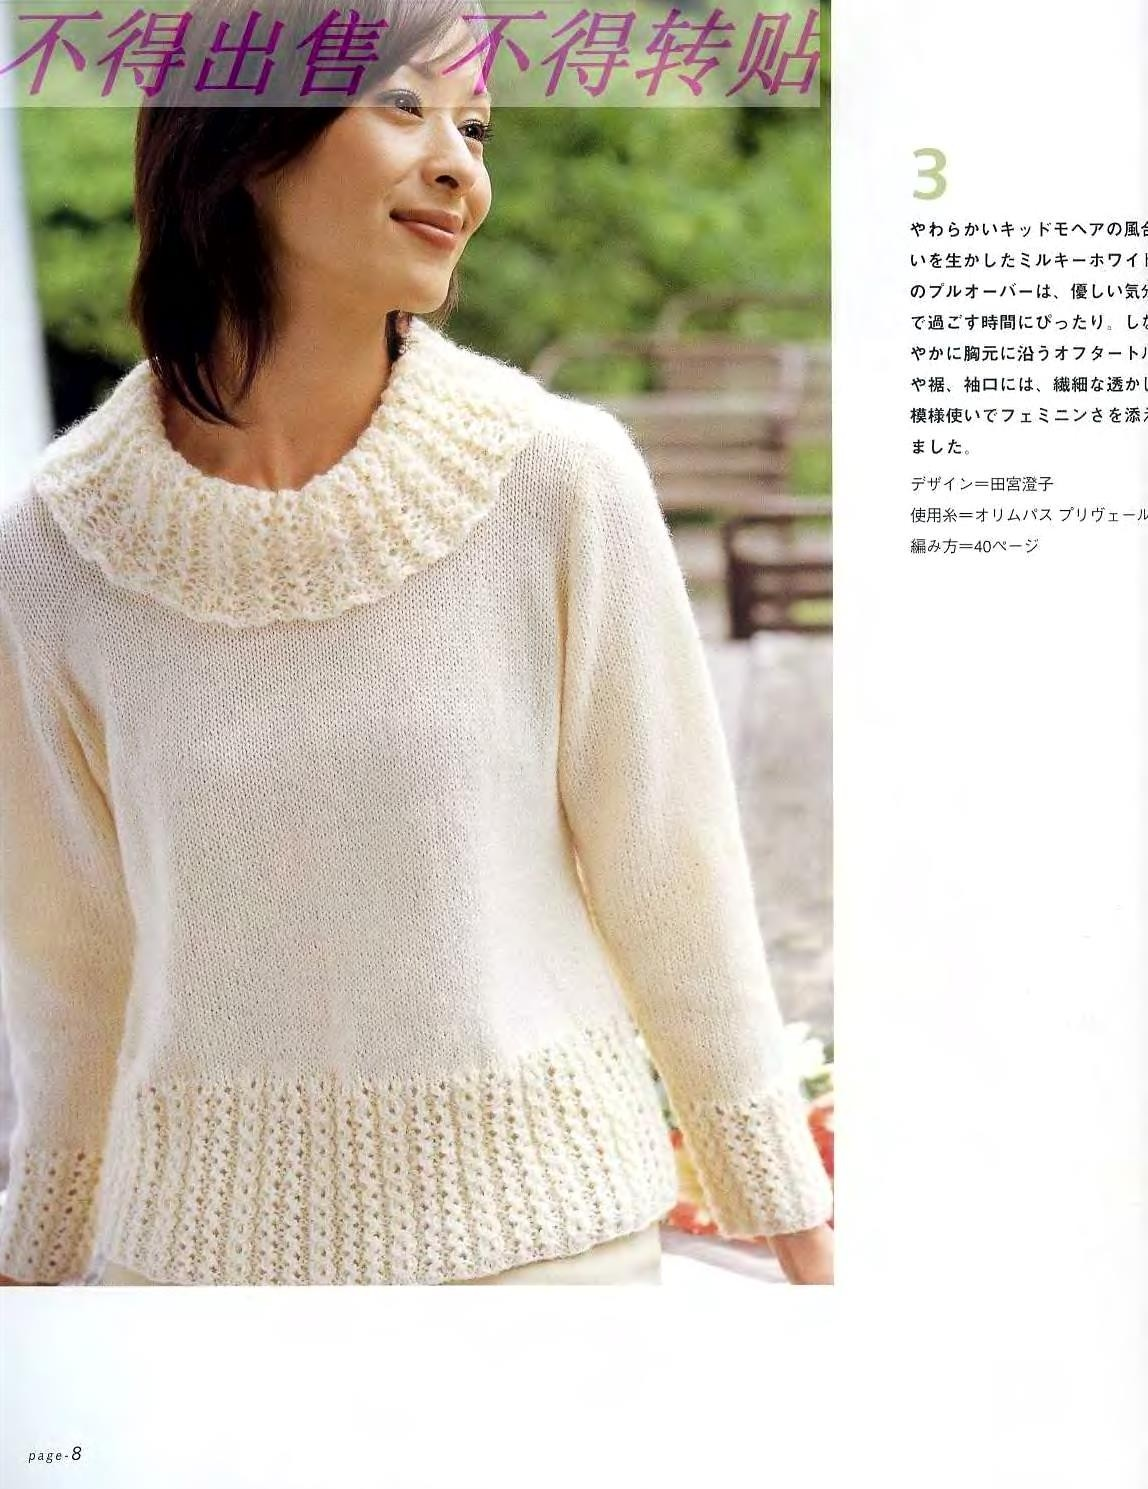 Lets-knit-series-Blue-Lace-sp-kr_5.jpg